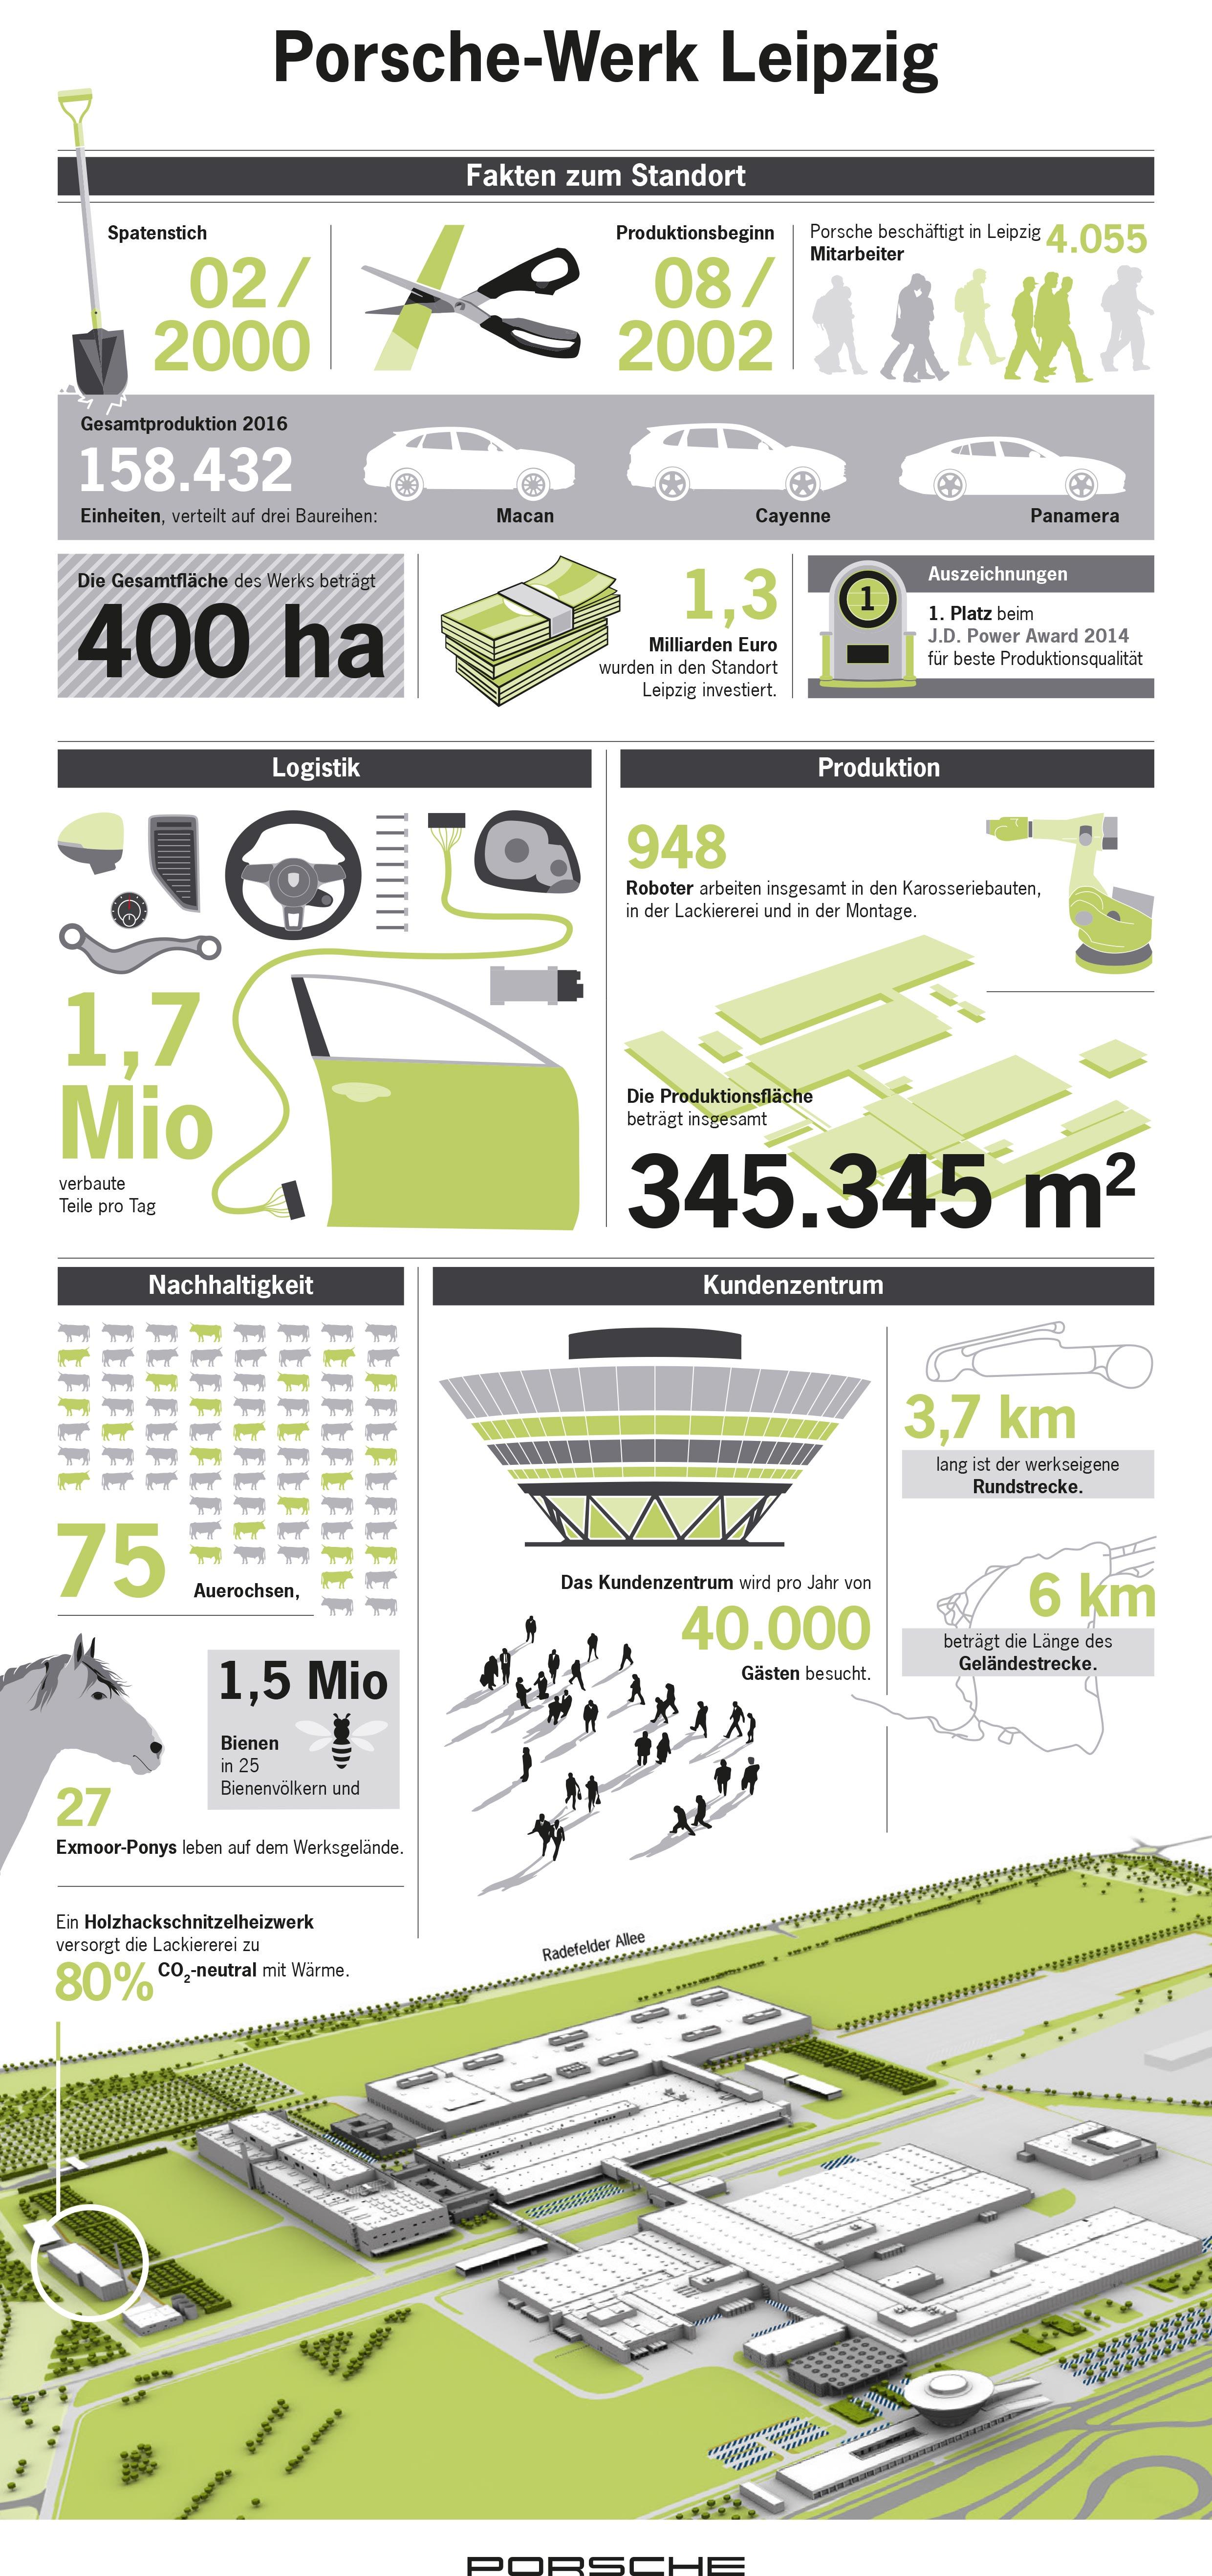 Porsche-Werk Leipzig, Infografik, 2017, Porsche AG